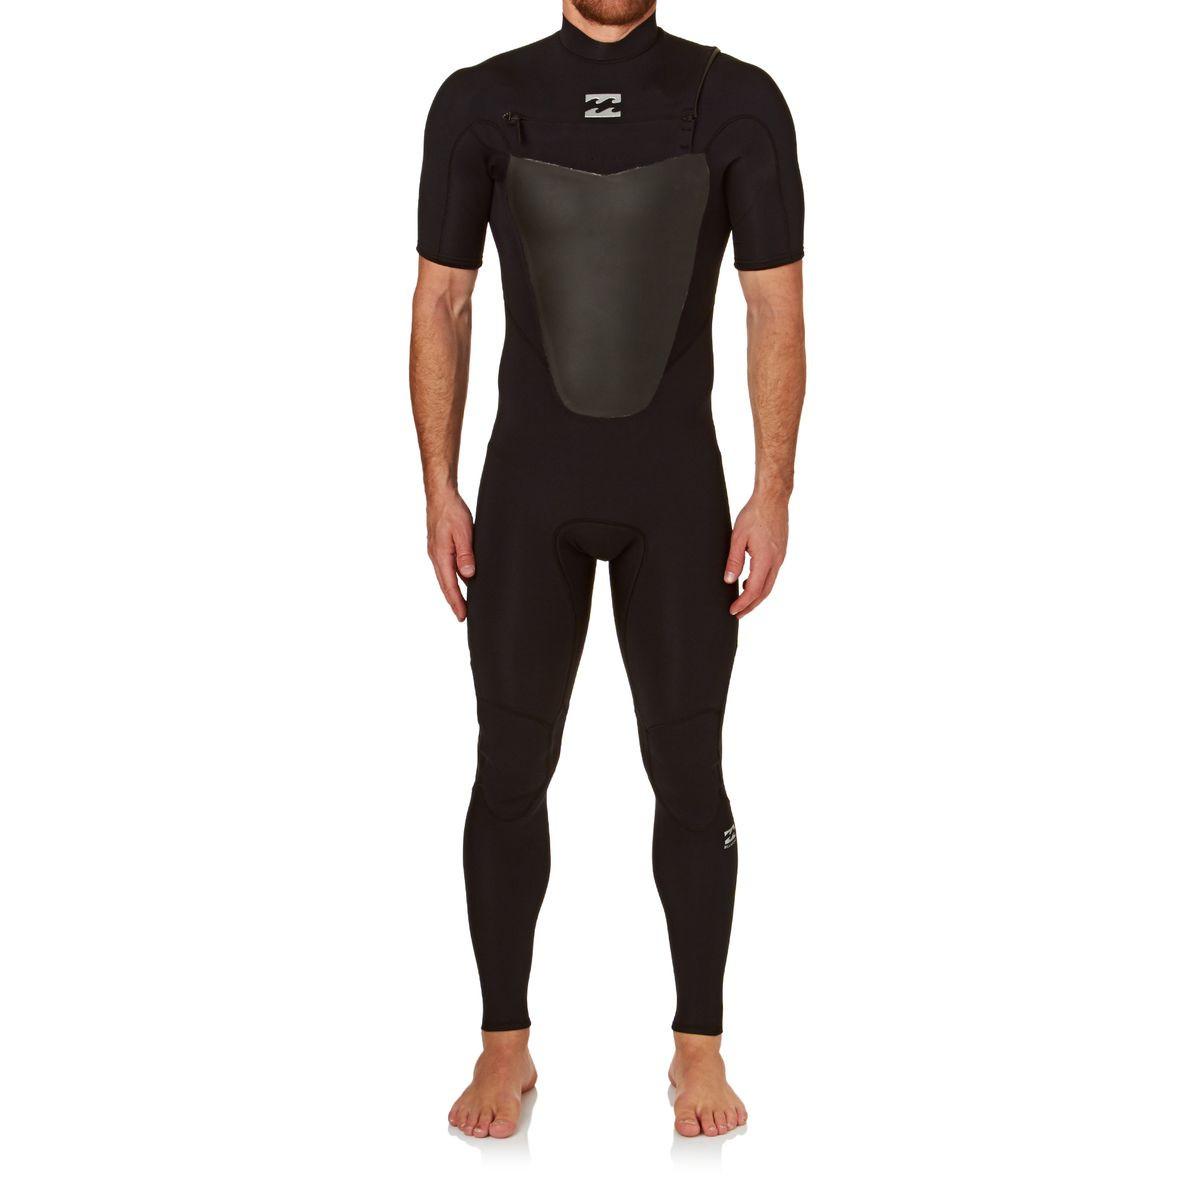 Billabong Absolute Comp 2mm 2017 Chest Zip Short Sleeve Wetsuit - Black